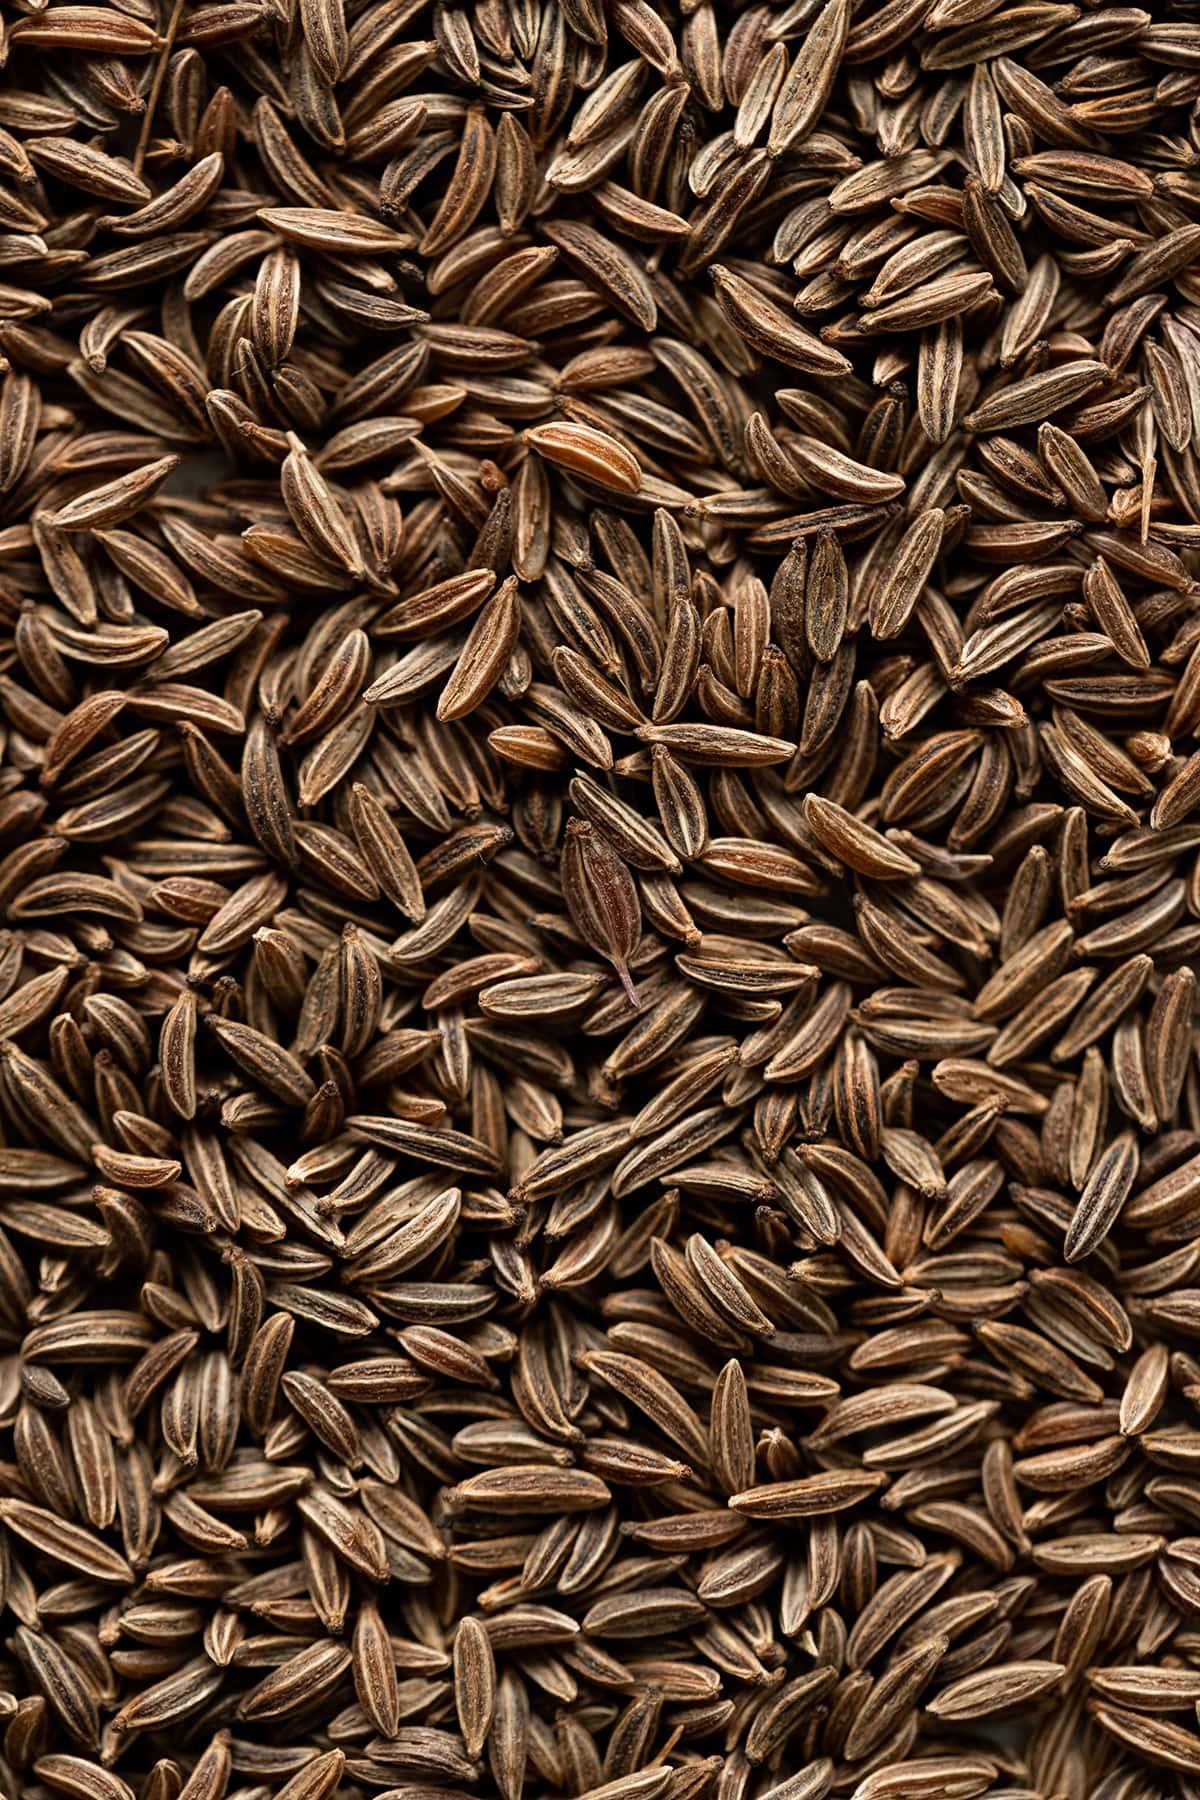 A close up photo of caraway seeds